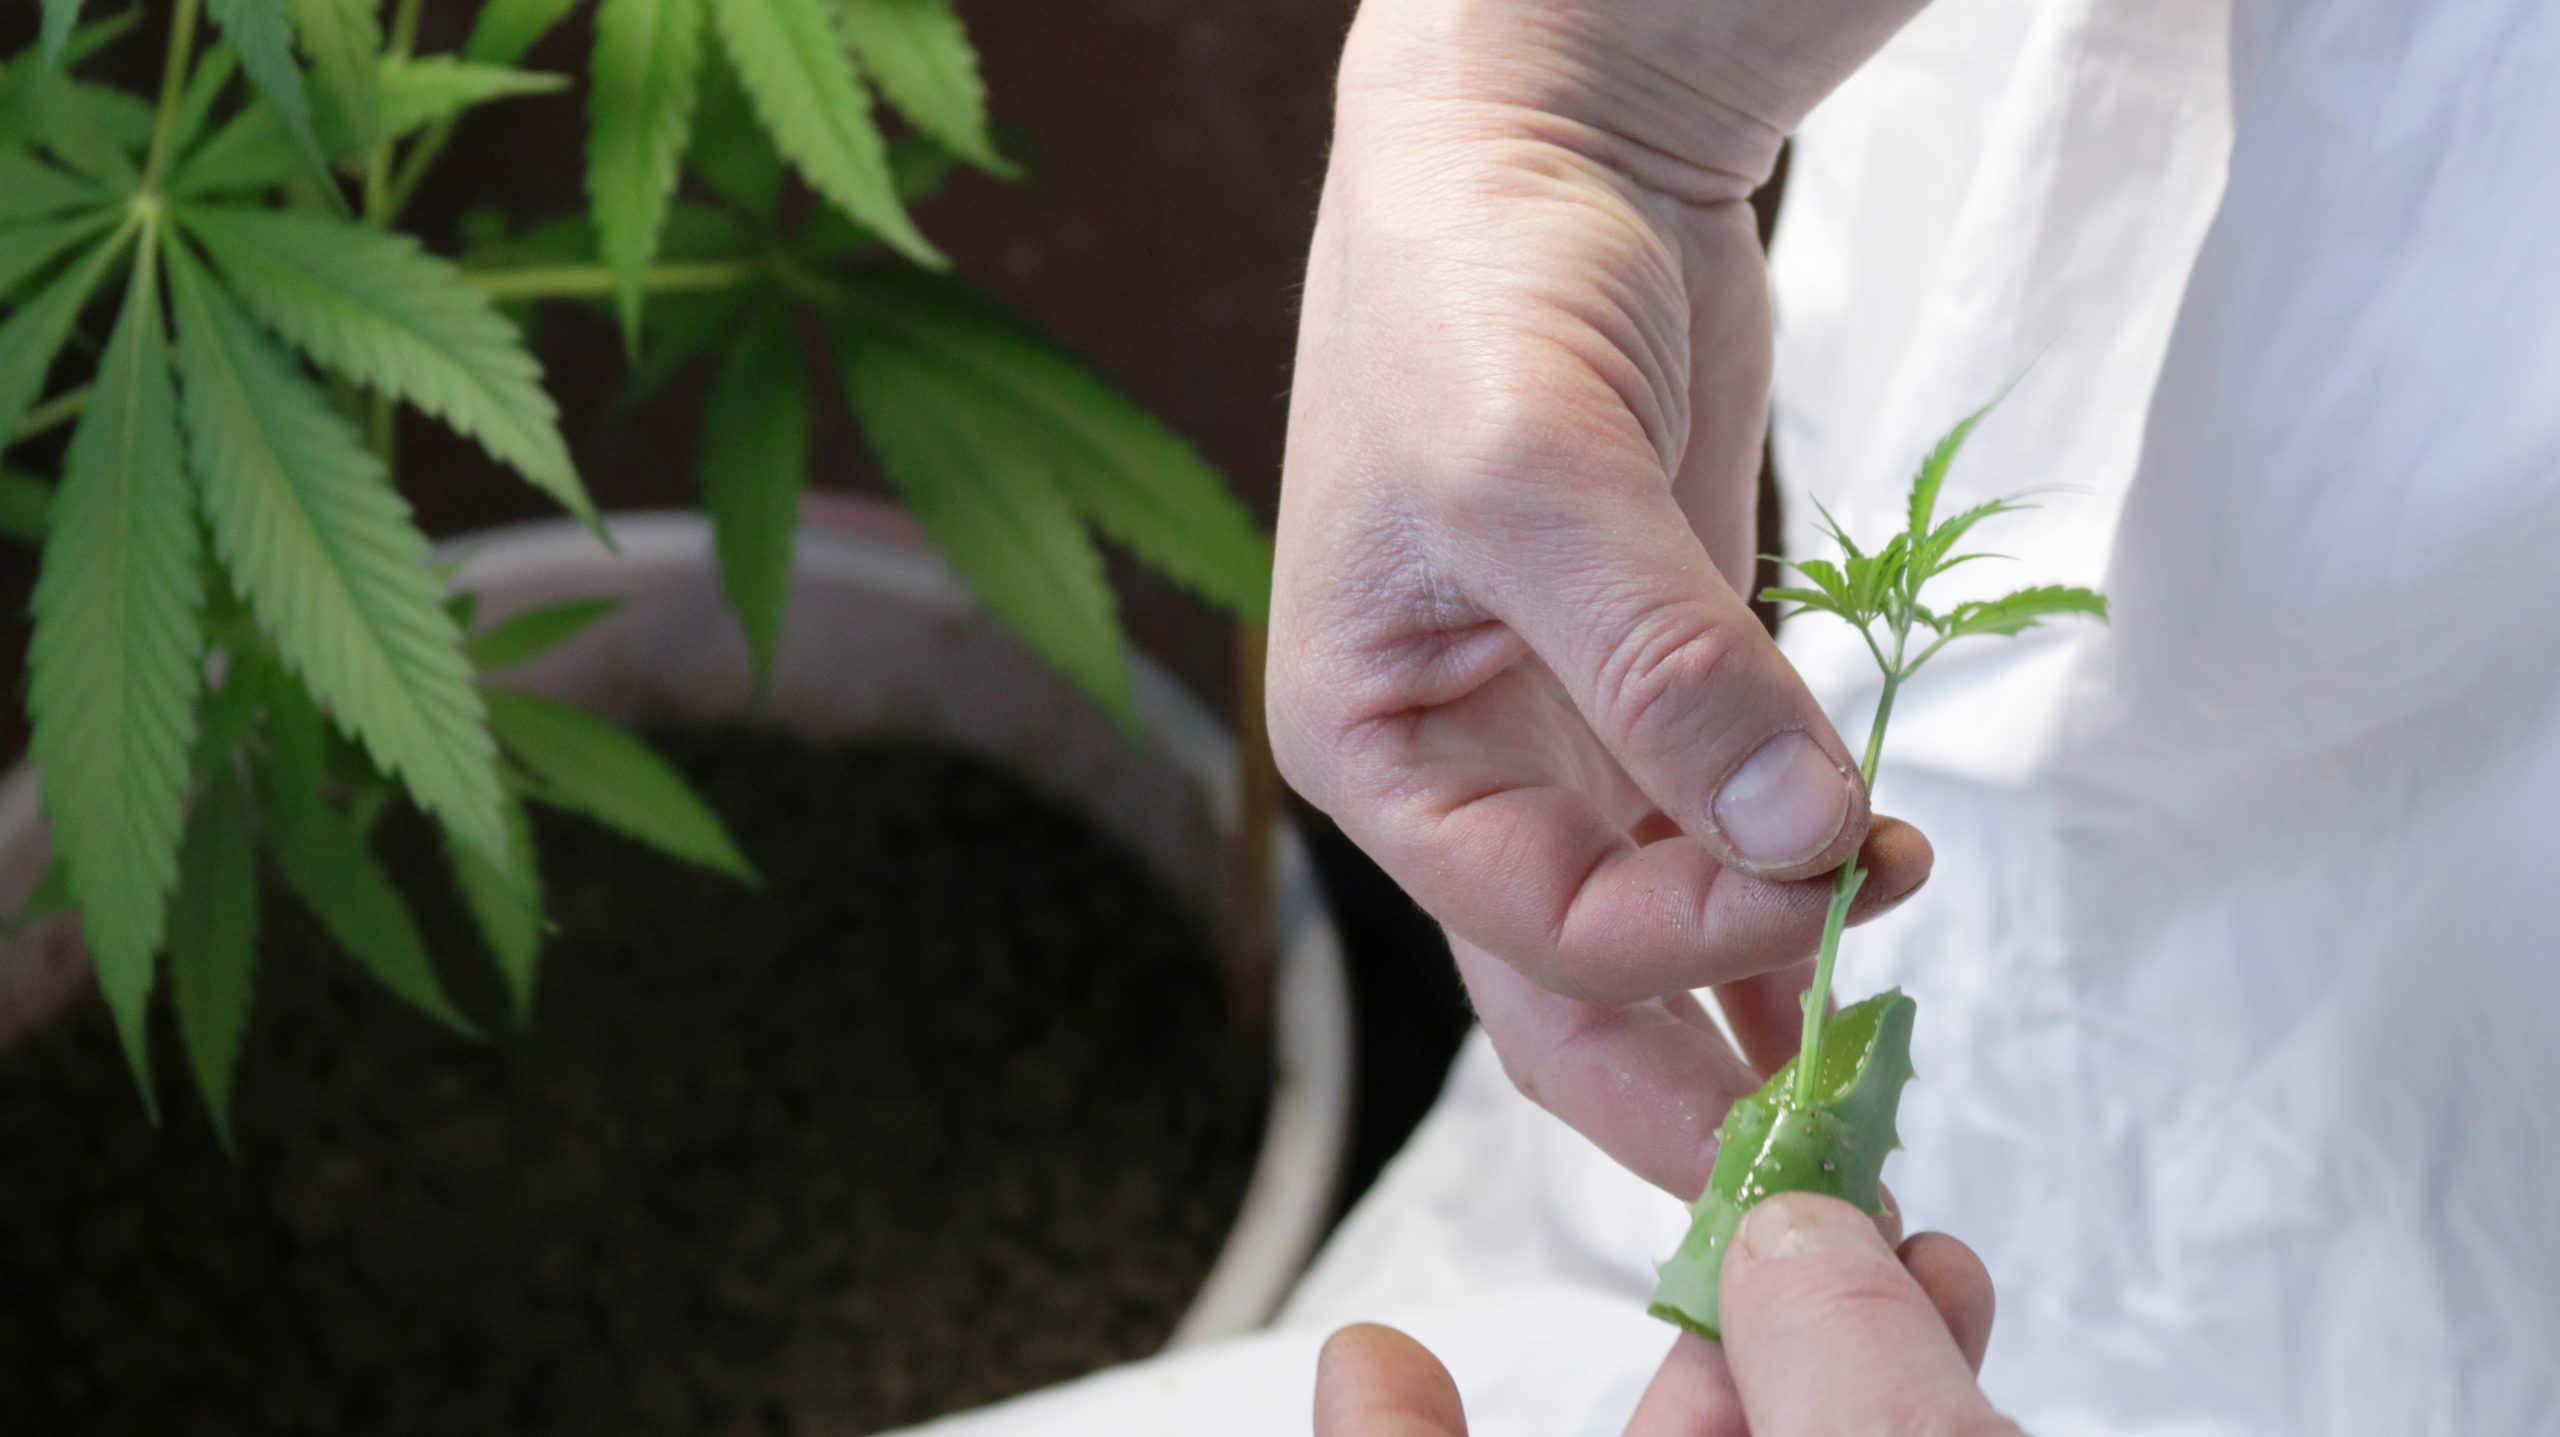 Medicinal cannabis: CEA's golden egg?